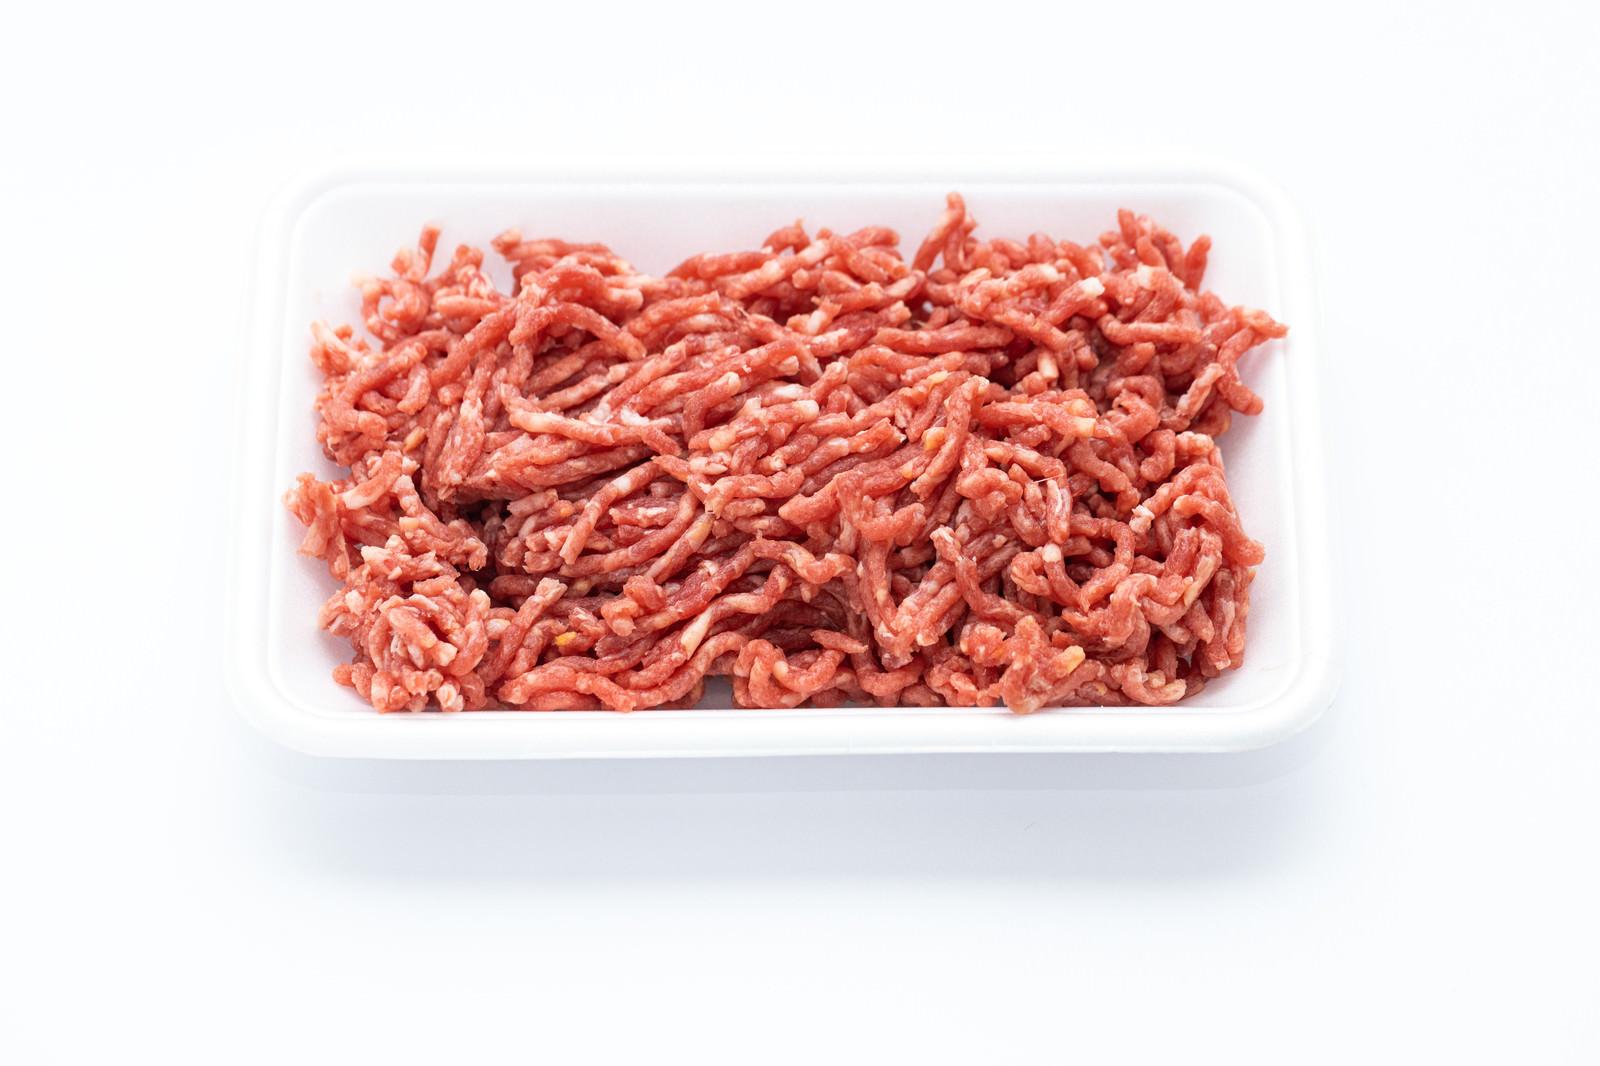 「牛豚挽肉(解凍)」の写真